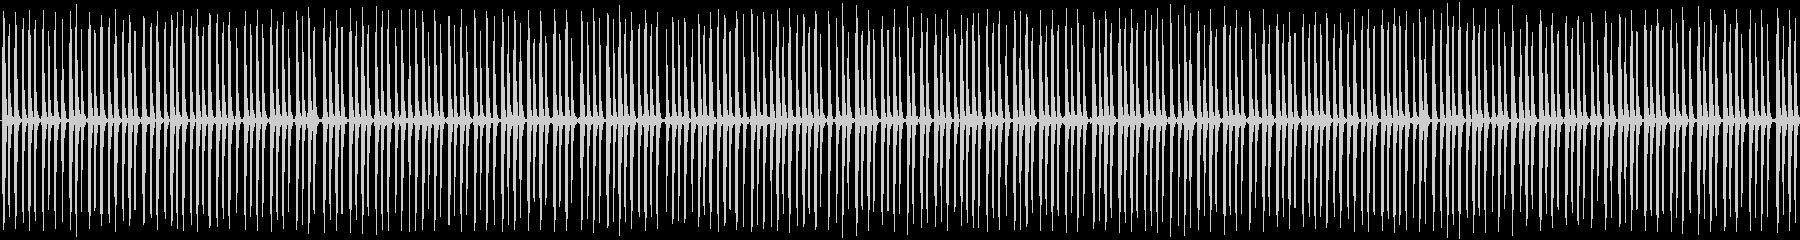 常時コンピューターの桁コンピュータ...の未再生の波形